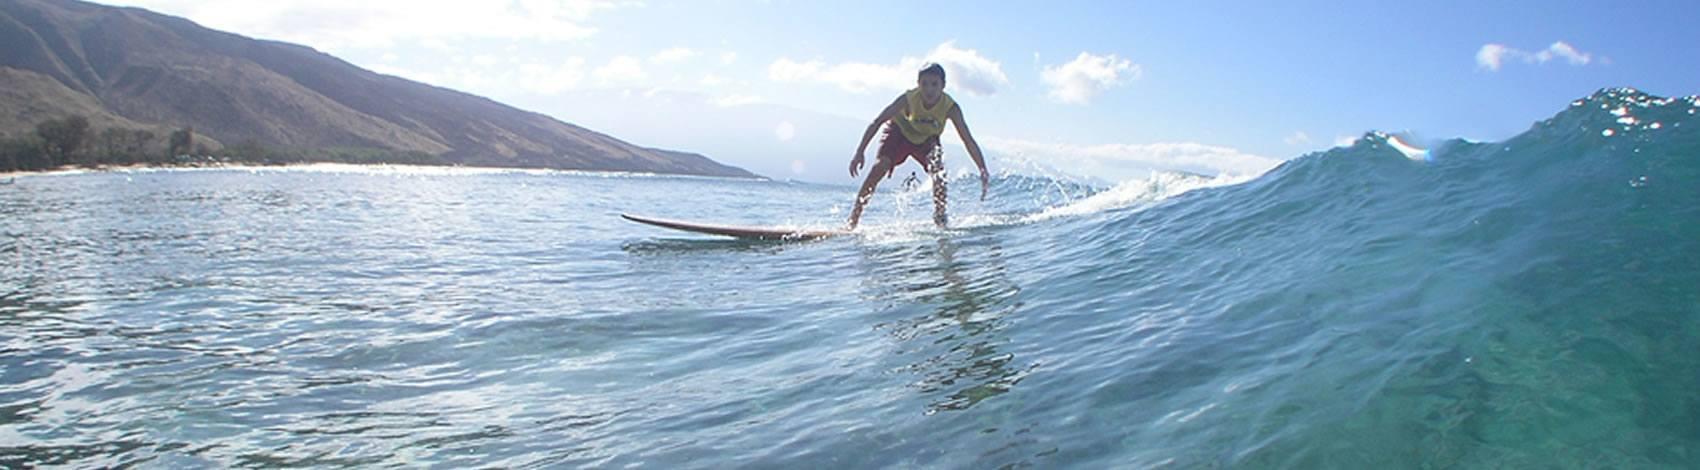 boy surfing with sun behind him